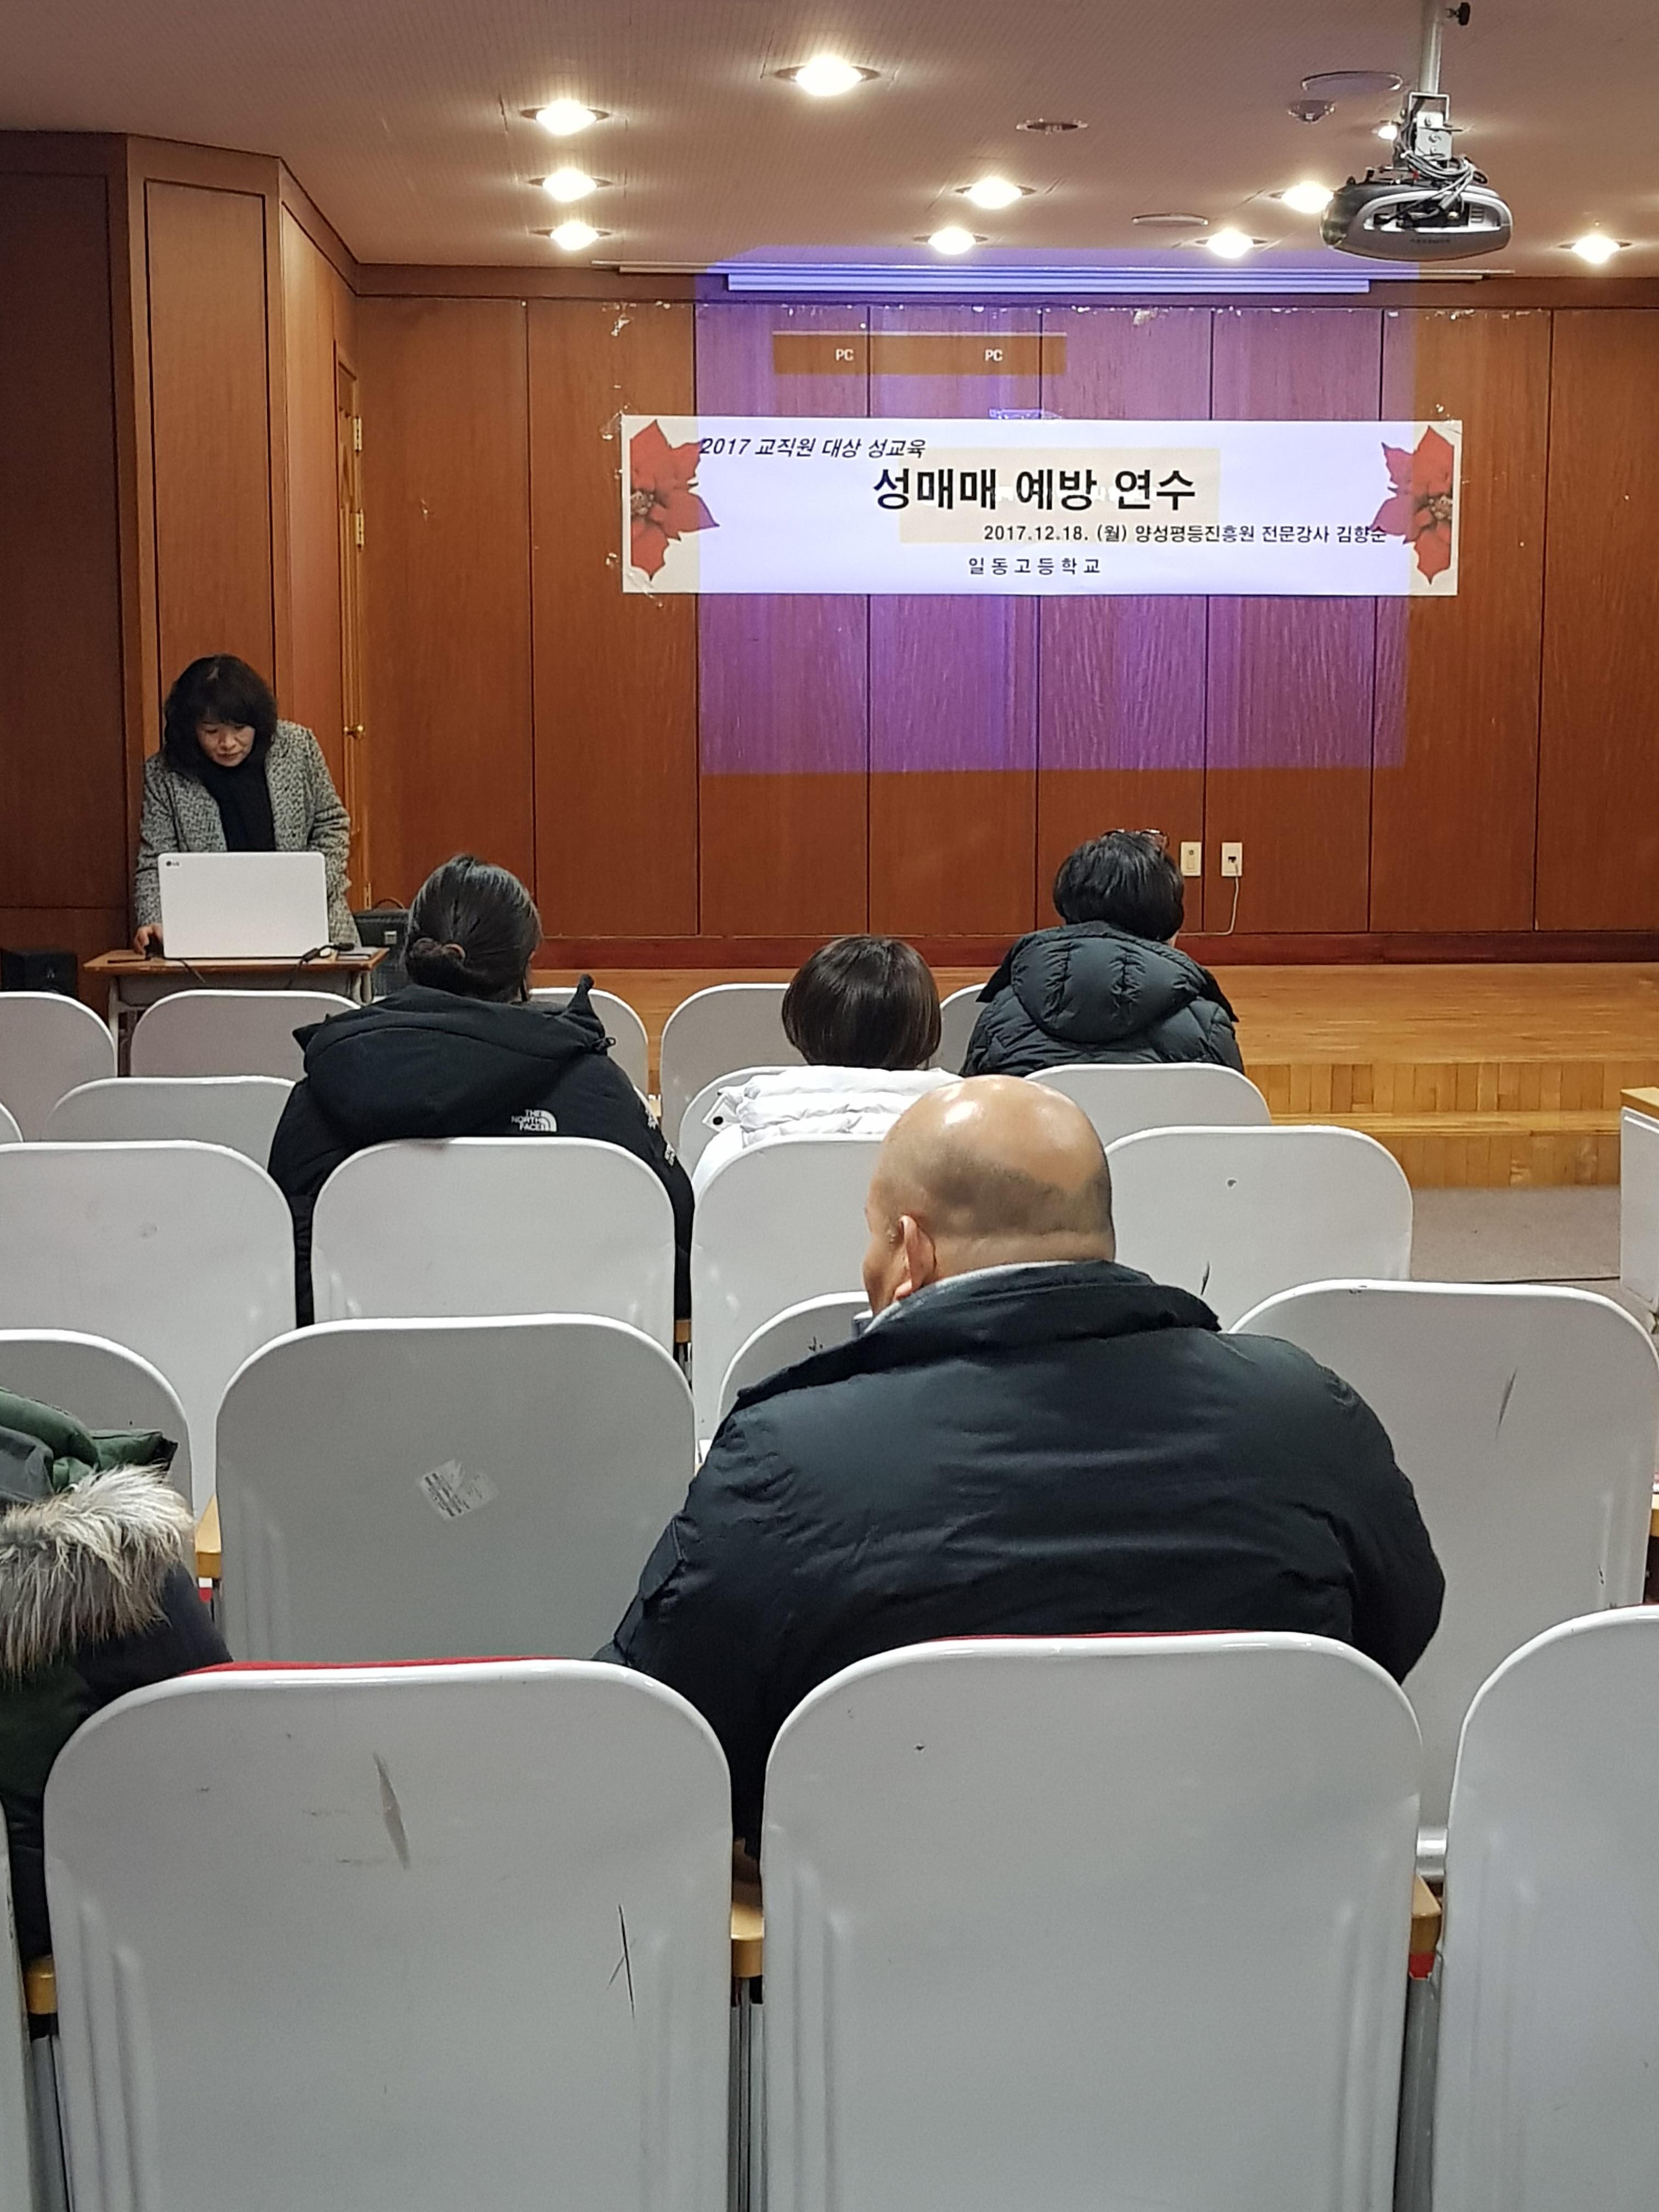 [일반] 2017.12.18 외부강사 초빙 성교육의 첨부이미지 1